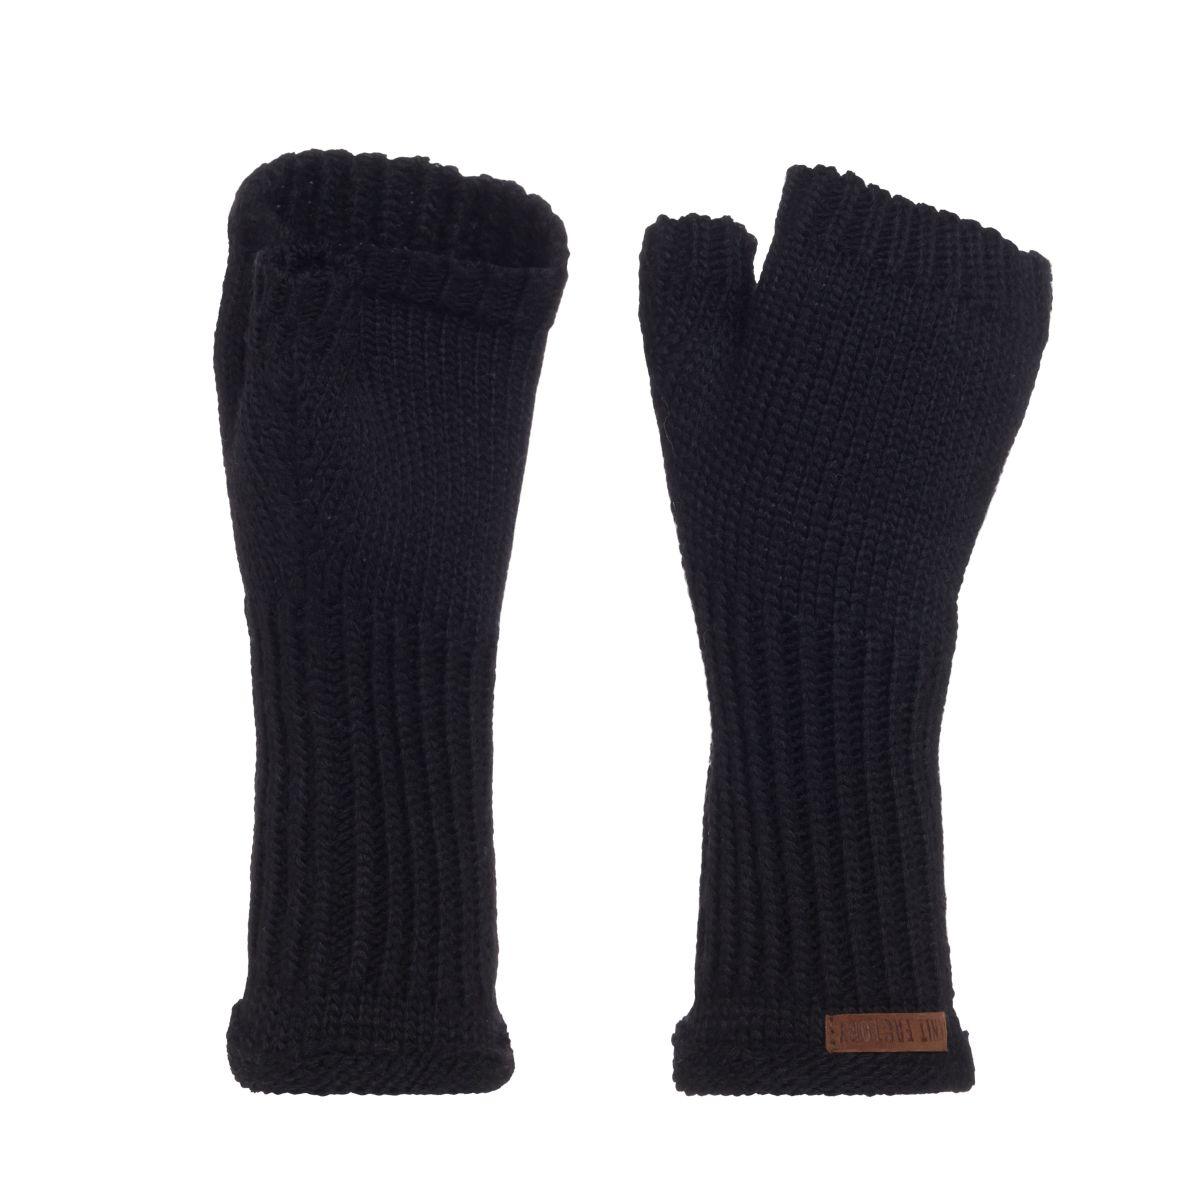 knit factory kf14607500050 cleo handschoenen zwart 1